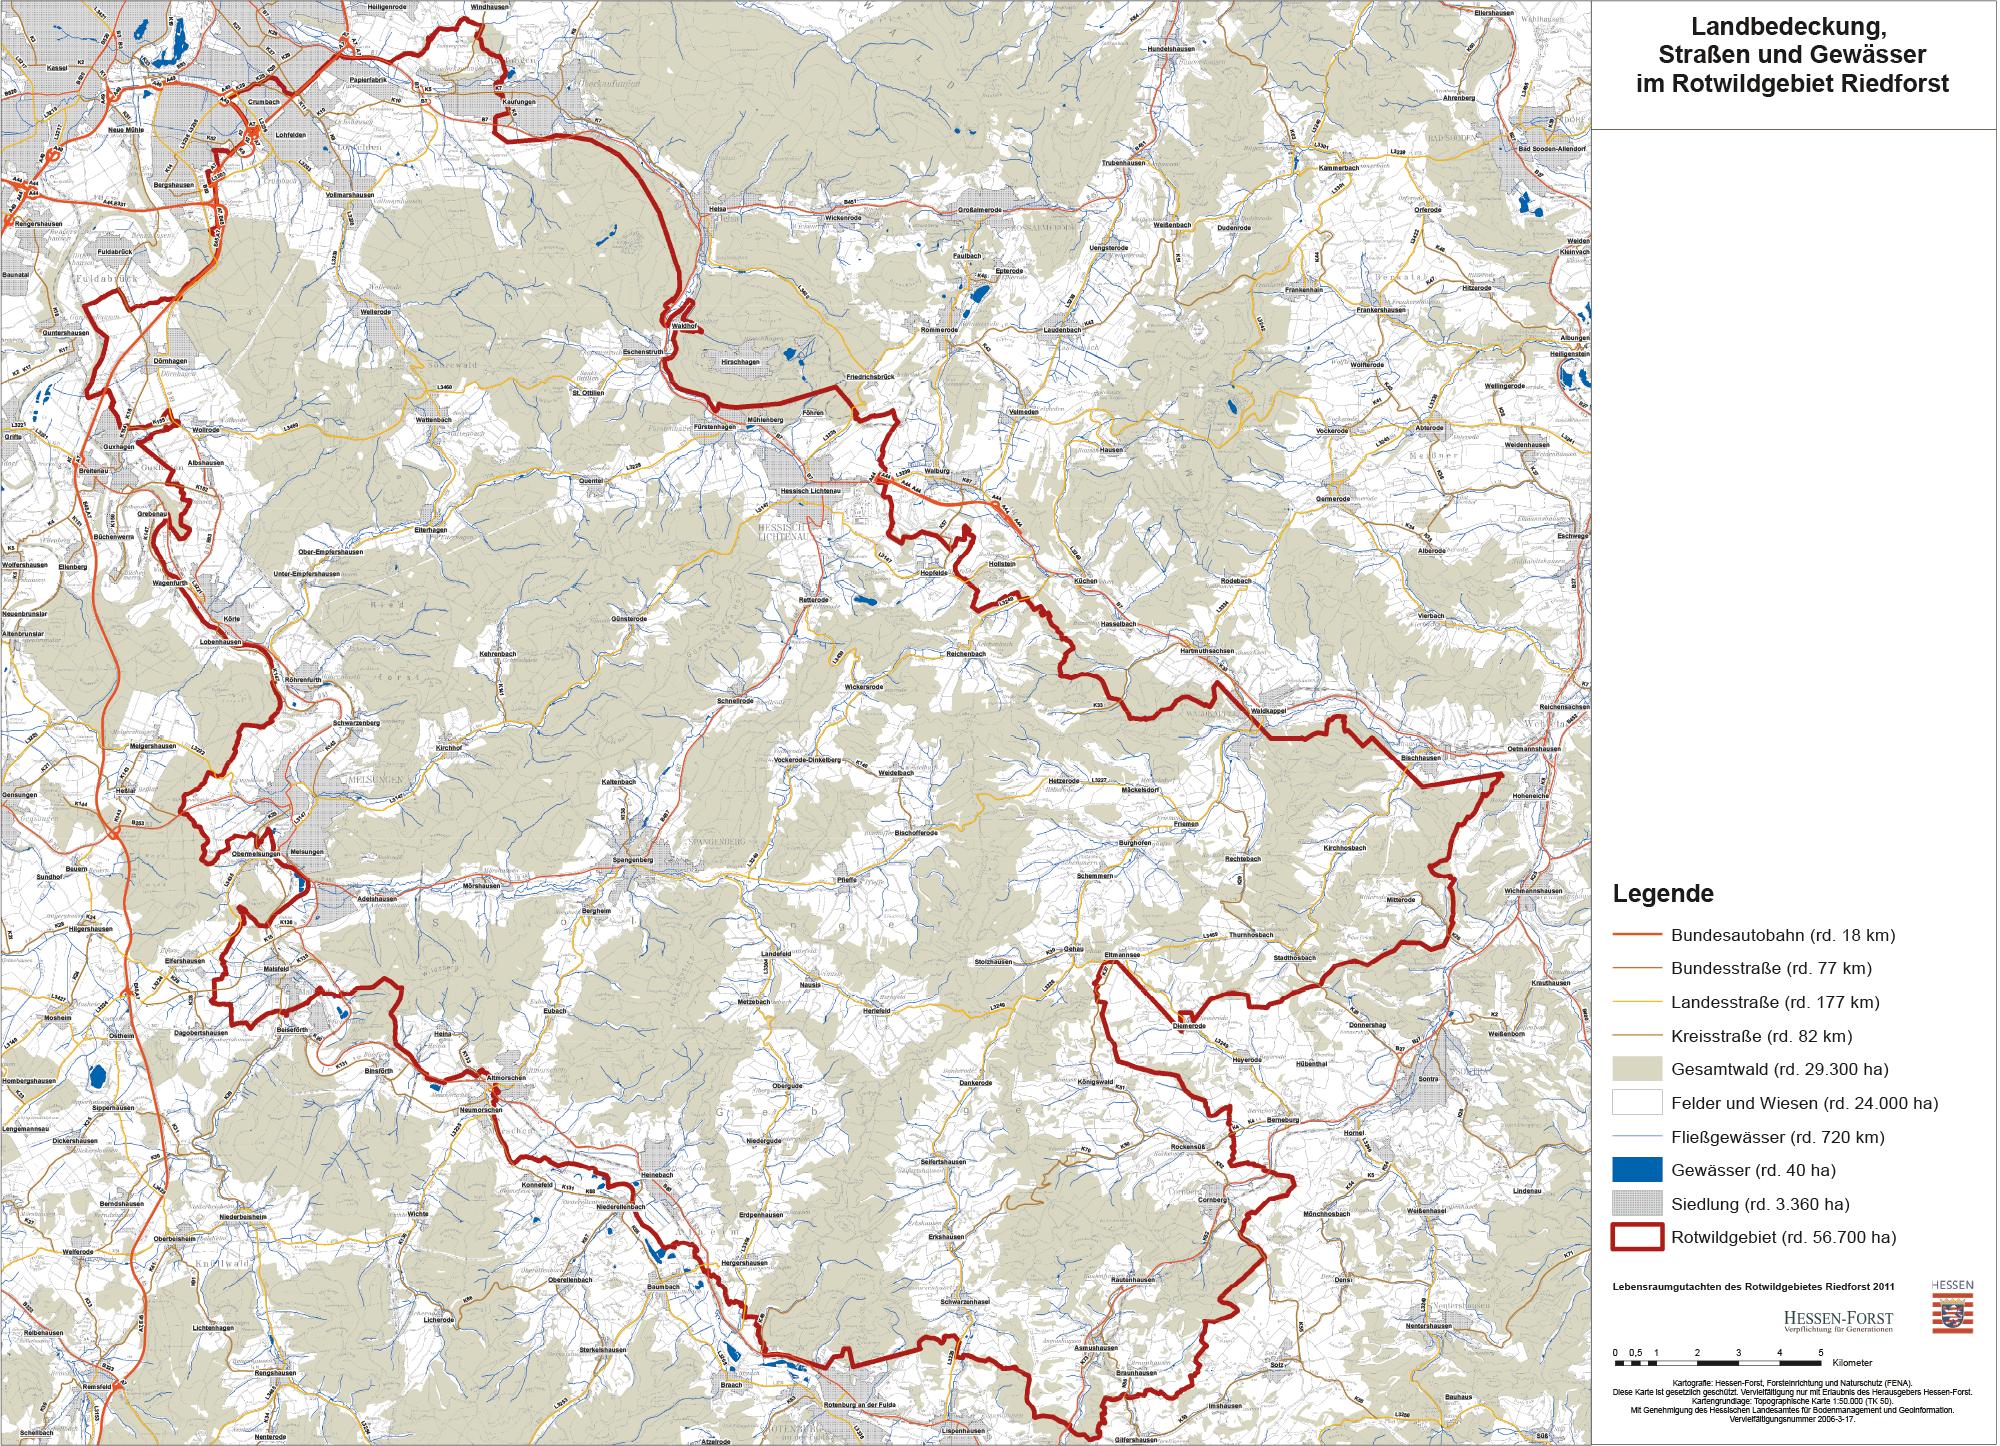 Landbedeckung, Straßen und Gewässer im Rotwildgebiet Riedforst